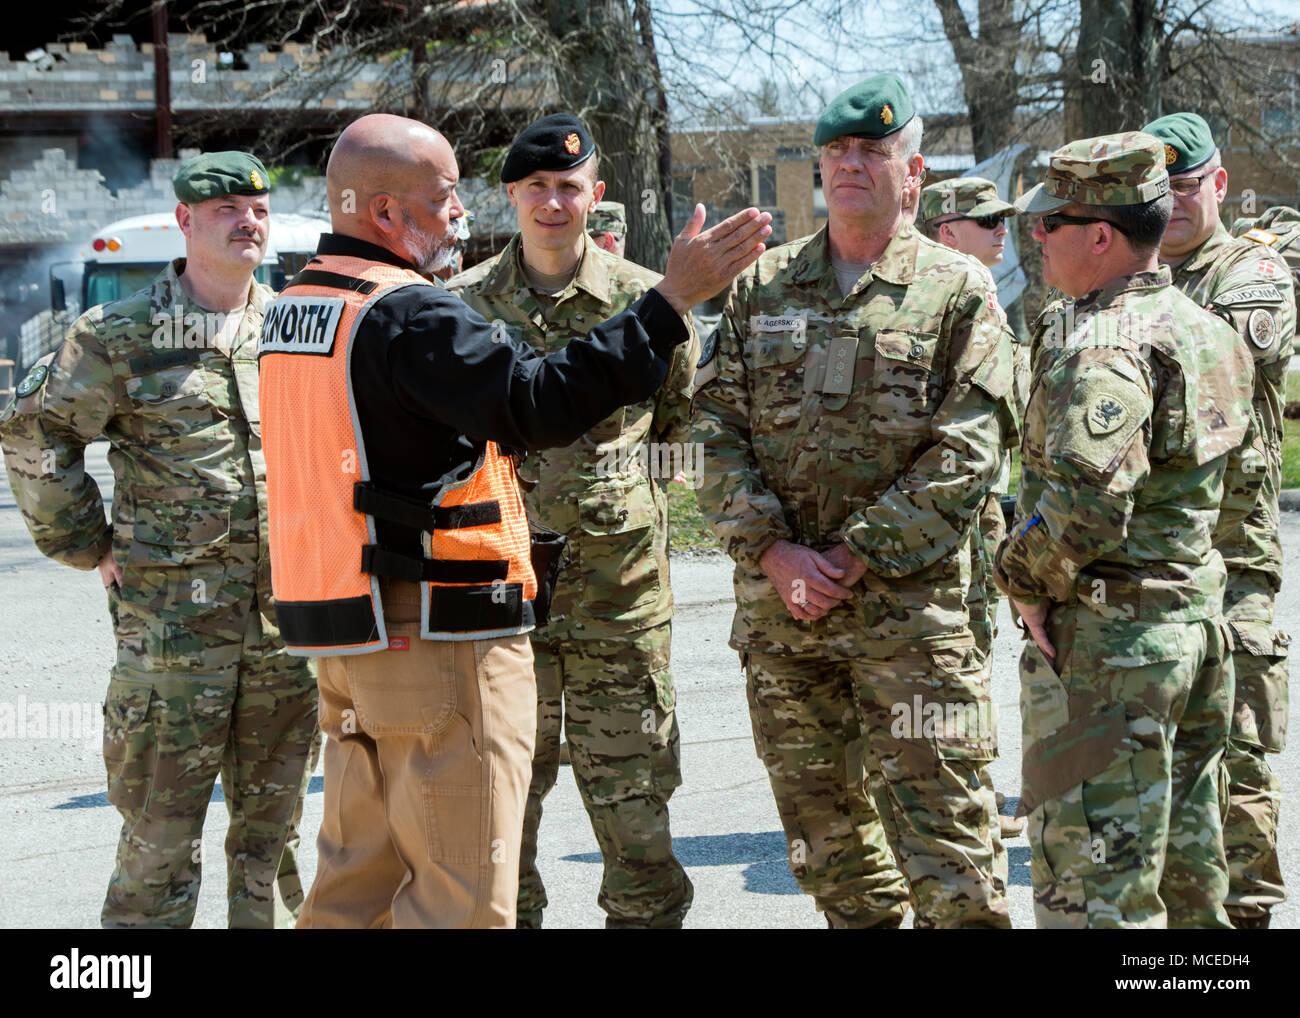 Ted Lopez, un chef d'équipe du nord de l'armée américaine, le colonel de l'armée américaine mémoires Jeffrey Terrill, chef d'état-major interarmées pour la Michigan Army National Guard, et le colonel danois Fleming Agerskov de la formation en recherche et sauvetage de site à Muscatatuck Urban Training Center, Indiana, le 13 avril 2018 au cours de la réponse dynamique 18 exercice d'entraînement. Au nord de l'armée tient un exercice de réponse dynamique chaque année dans le cadre de sa mission de former les militaires du pays une capacité d'intervention CBRN. Tout au long du mois d'avril, environ 5 000 militaires permettra de former dans l'aviation, de médecine, d'ingénierie, de logistique et d'autres tâches de sauvetage au cours de l'exerci Photo Stock